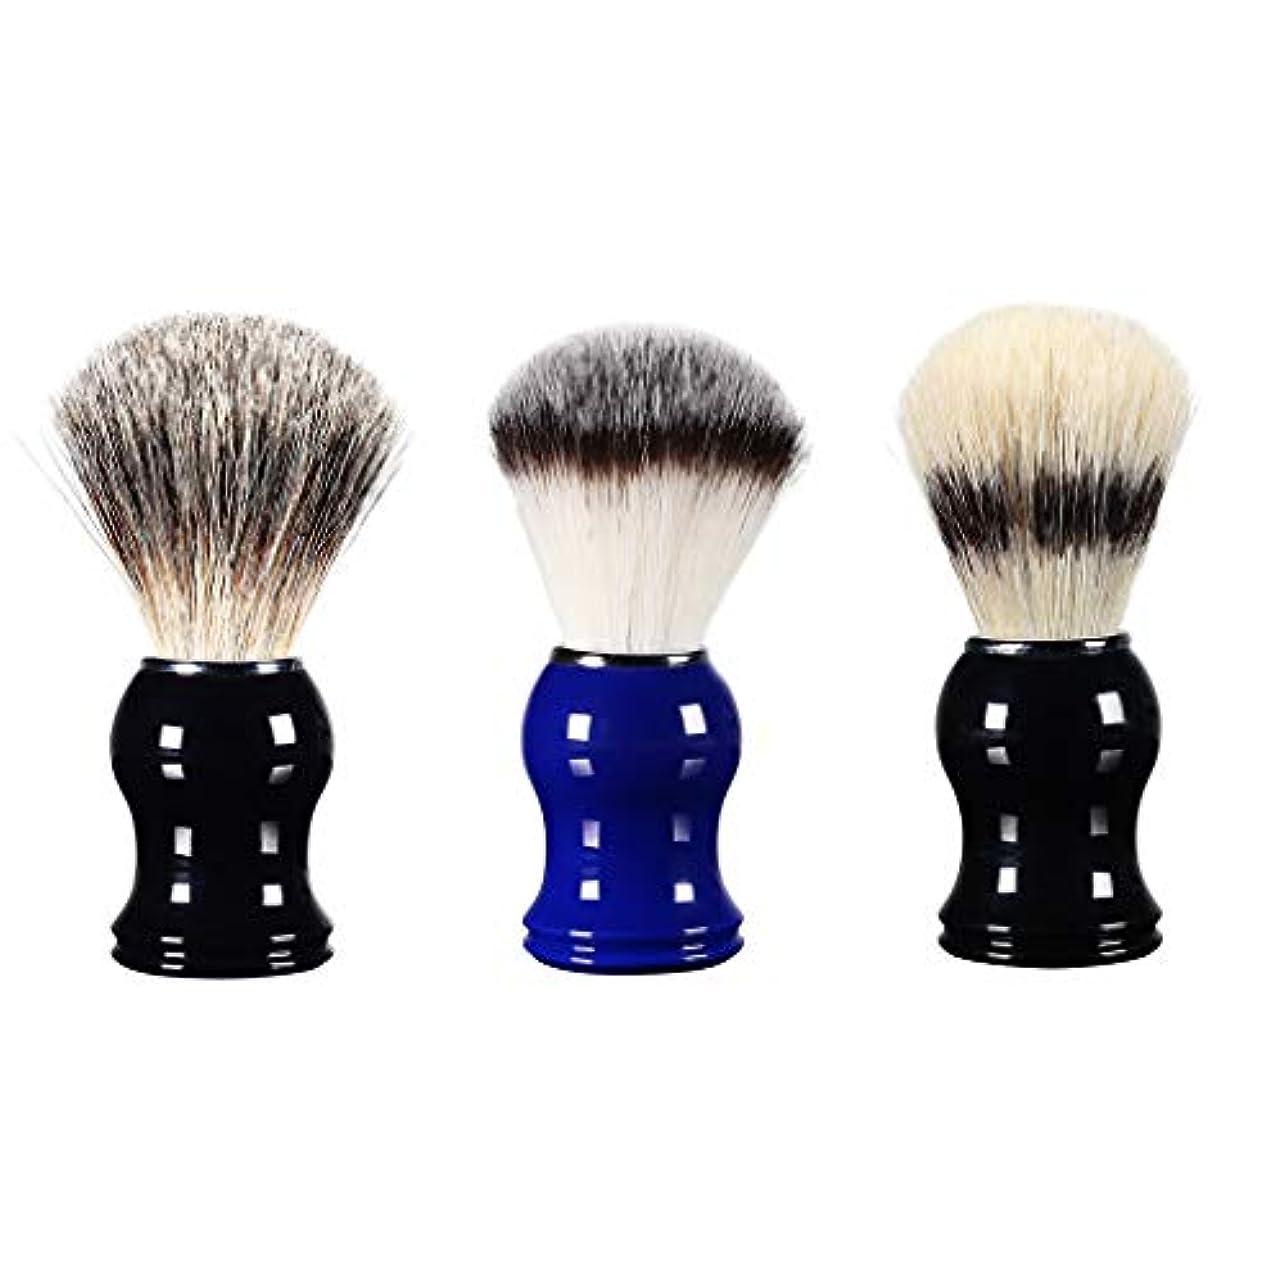 前者コジオスコはずsharprepublic メンズ用 髭剃り シェービングブラシ 樹脂ハ ンドル 理容 洗顔 髭剃り 男性 ギフト 3個入